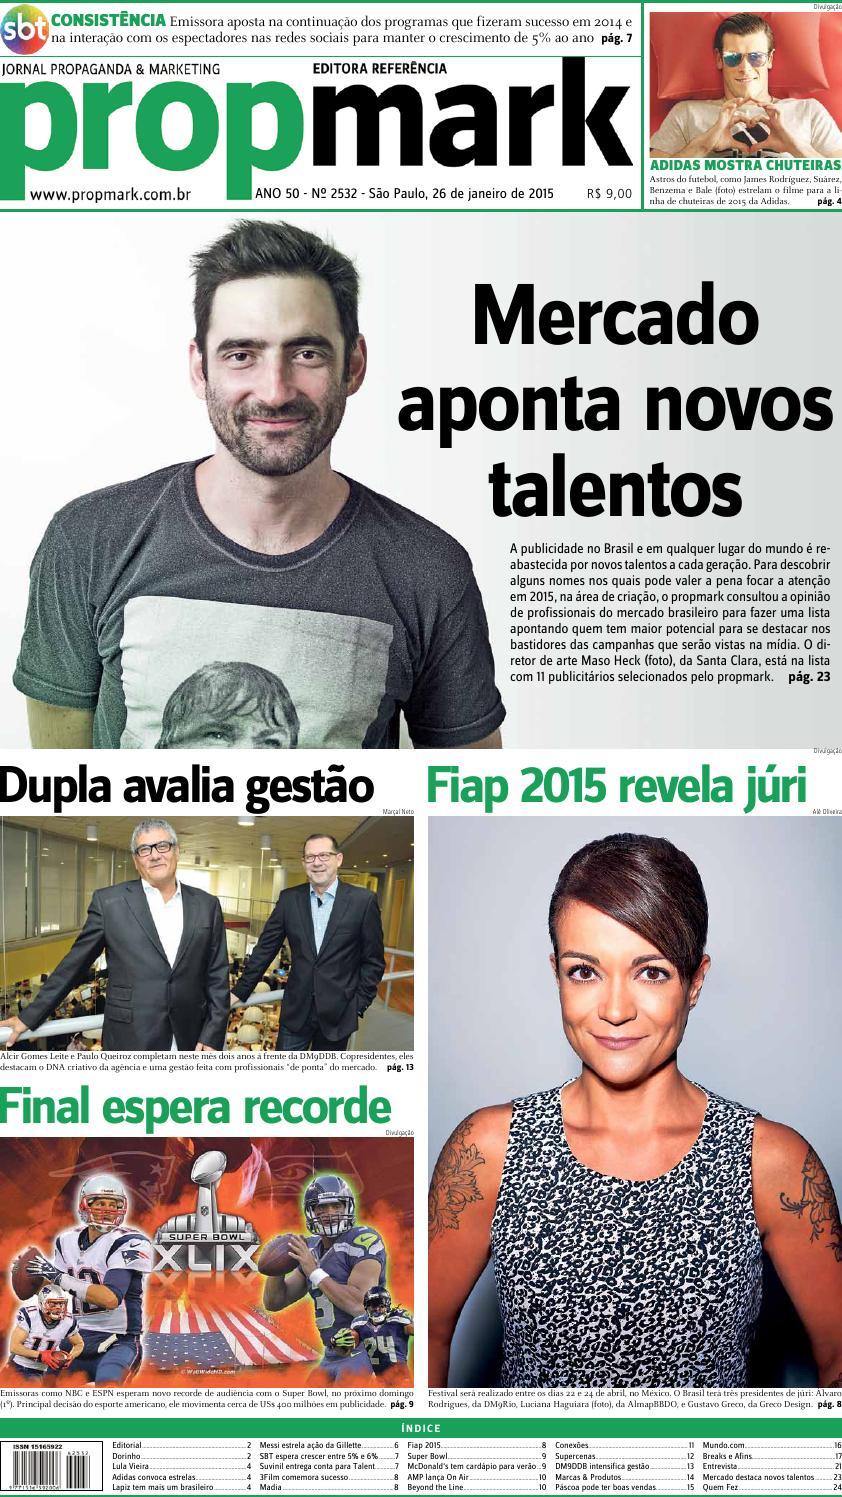 E ALEKSANDRO BAIXAR KRAFTA CONRADO AFINAL MUSICA